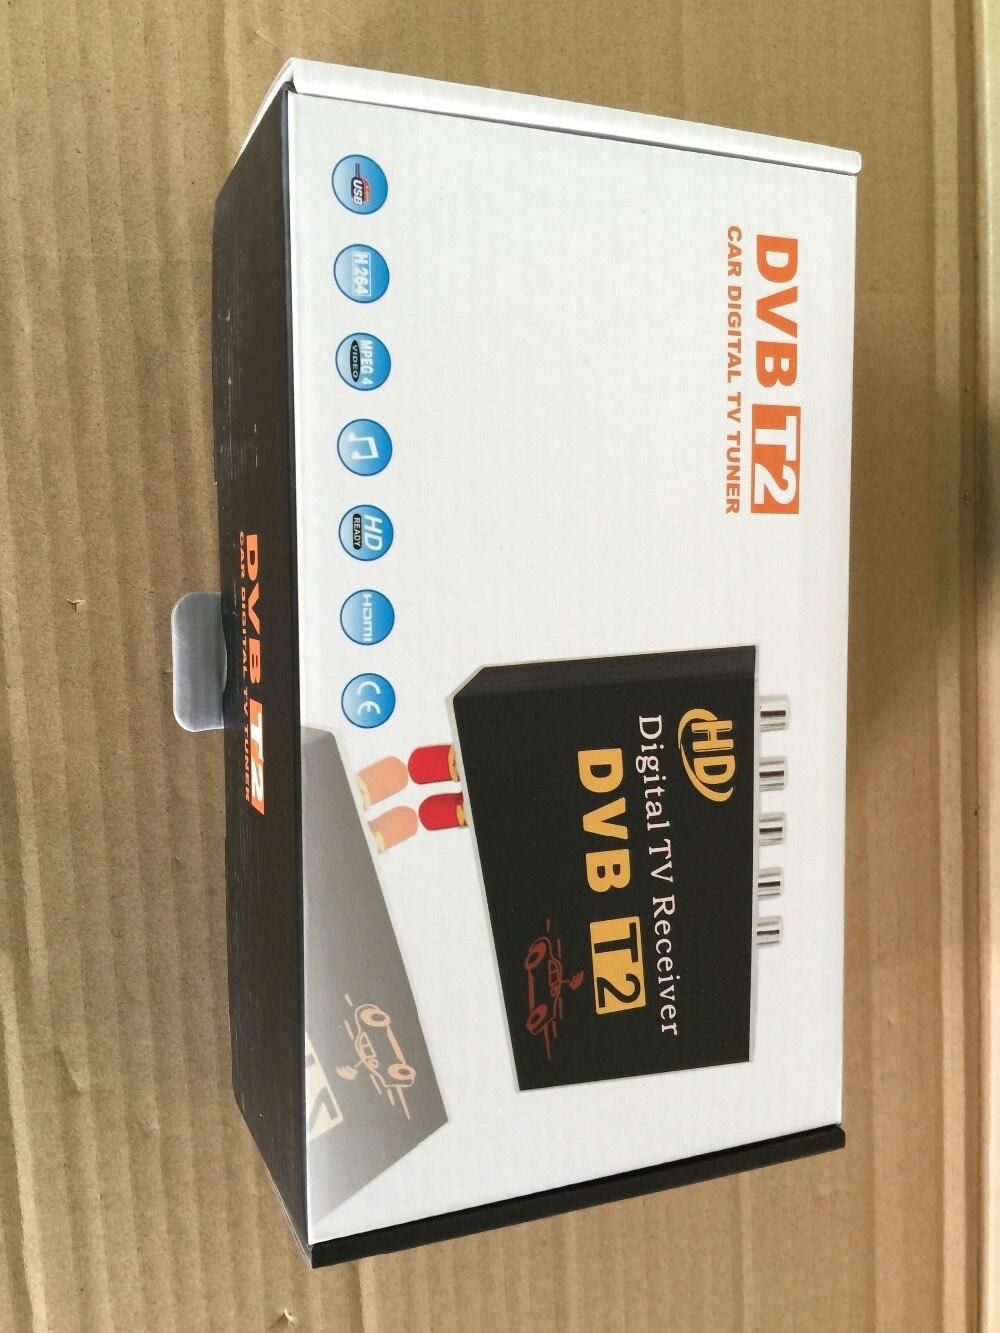 imágenes para Dual antena alta velocidad del coche de HD DVB-T2 móvil coches TV Turner auto TV dvb t2 coche dvbt2 mpeg4 120-150KMH